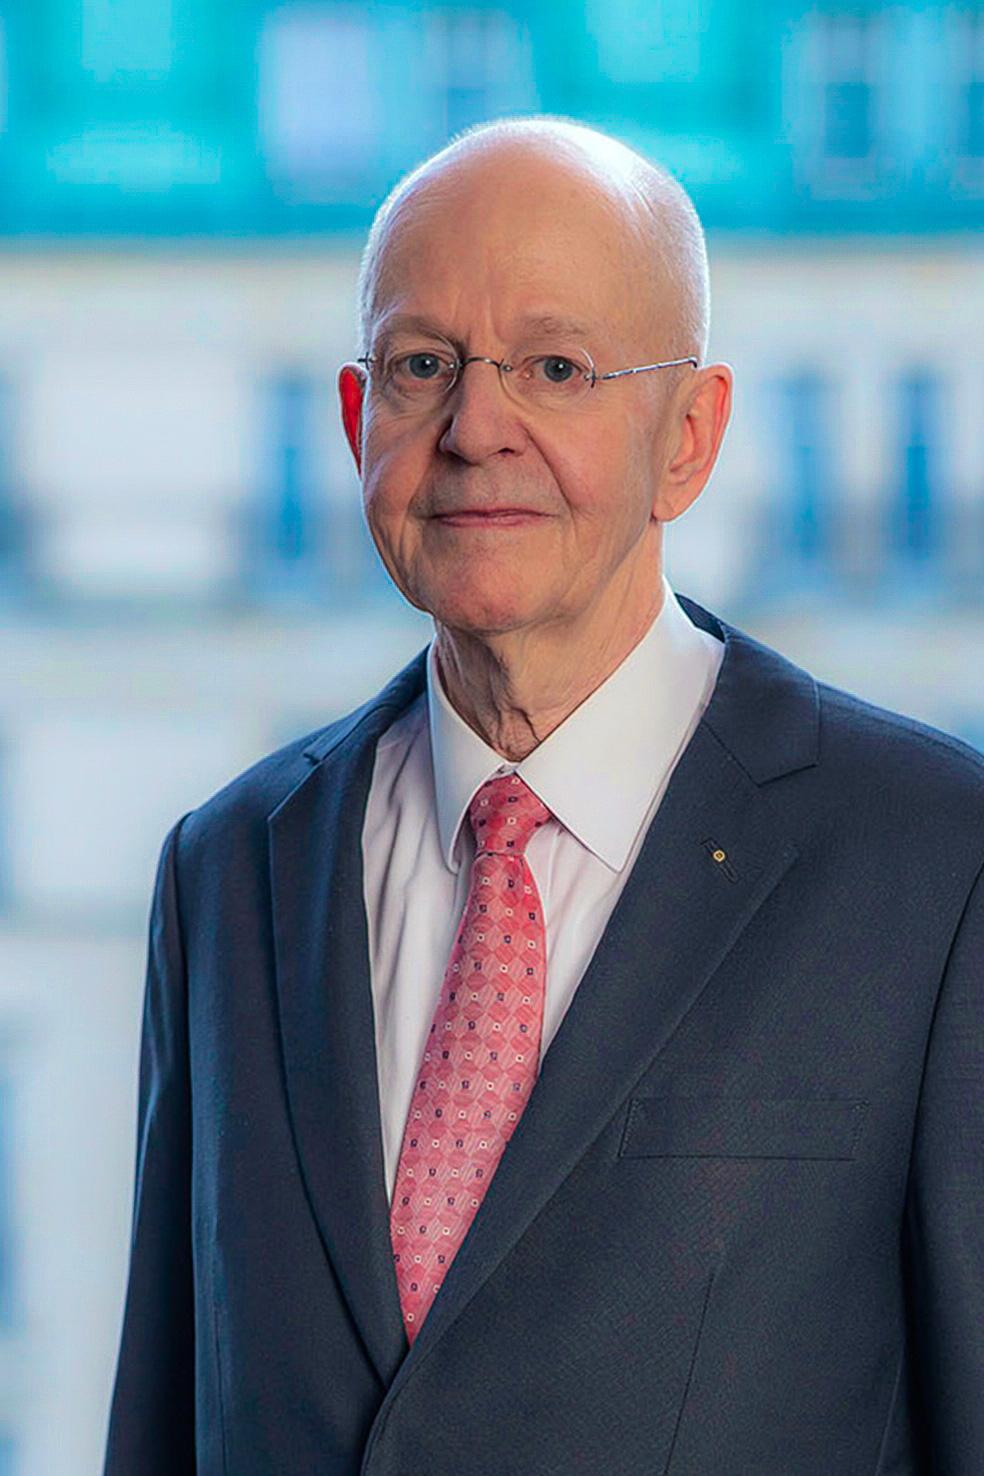 Hans Eike von Oppeln-Bronikowski